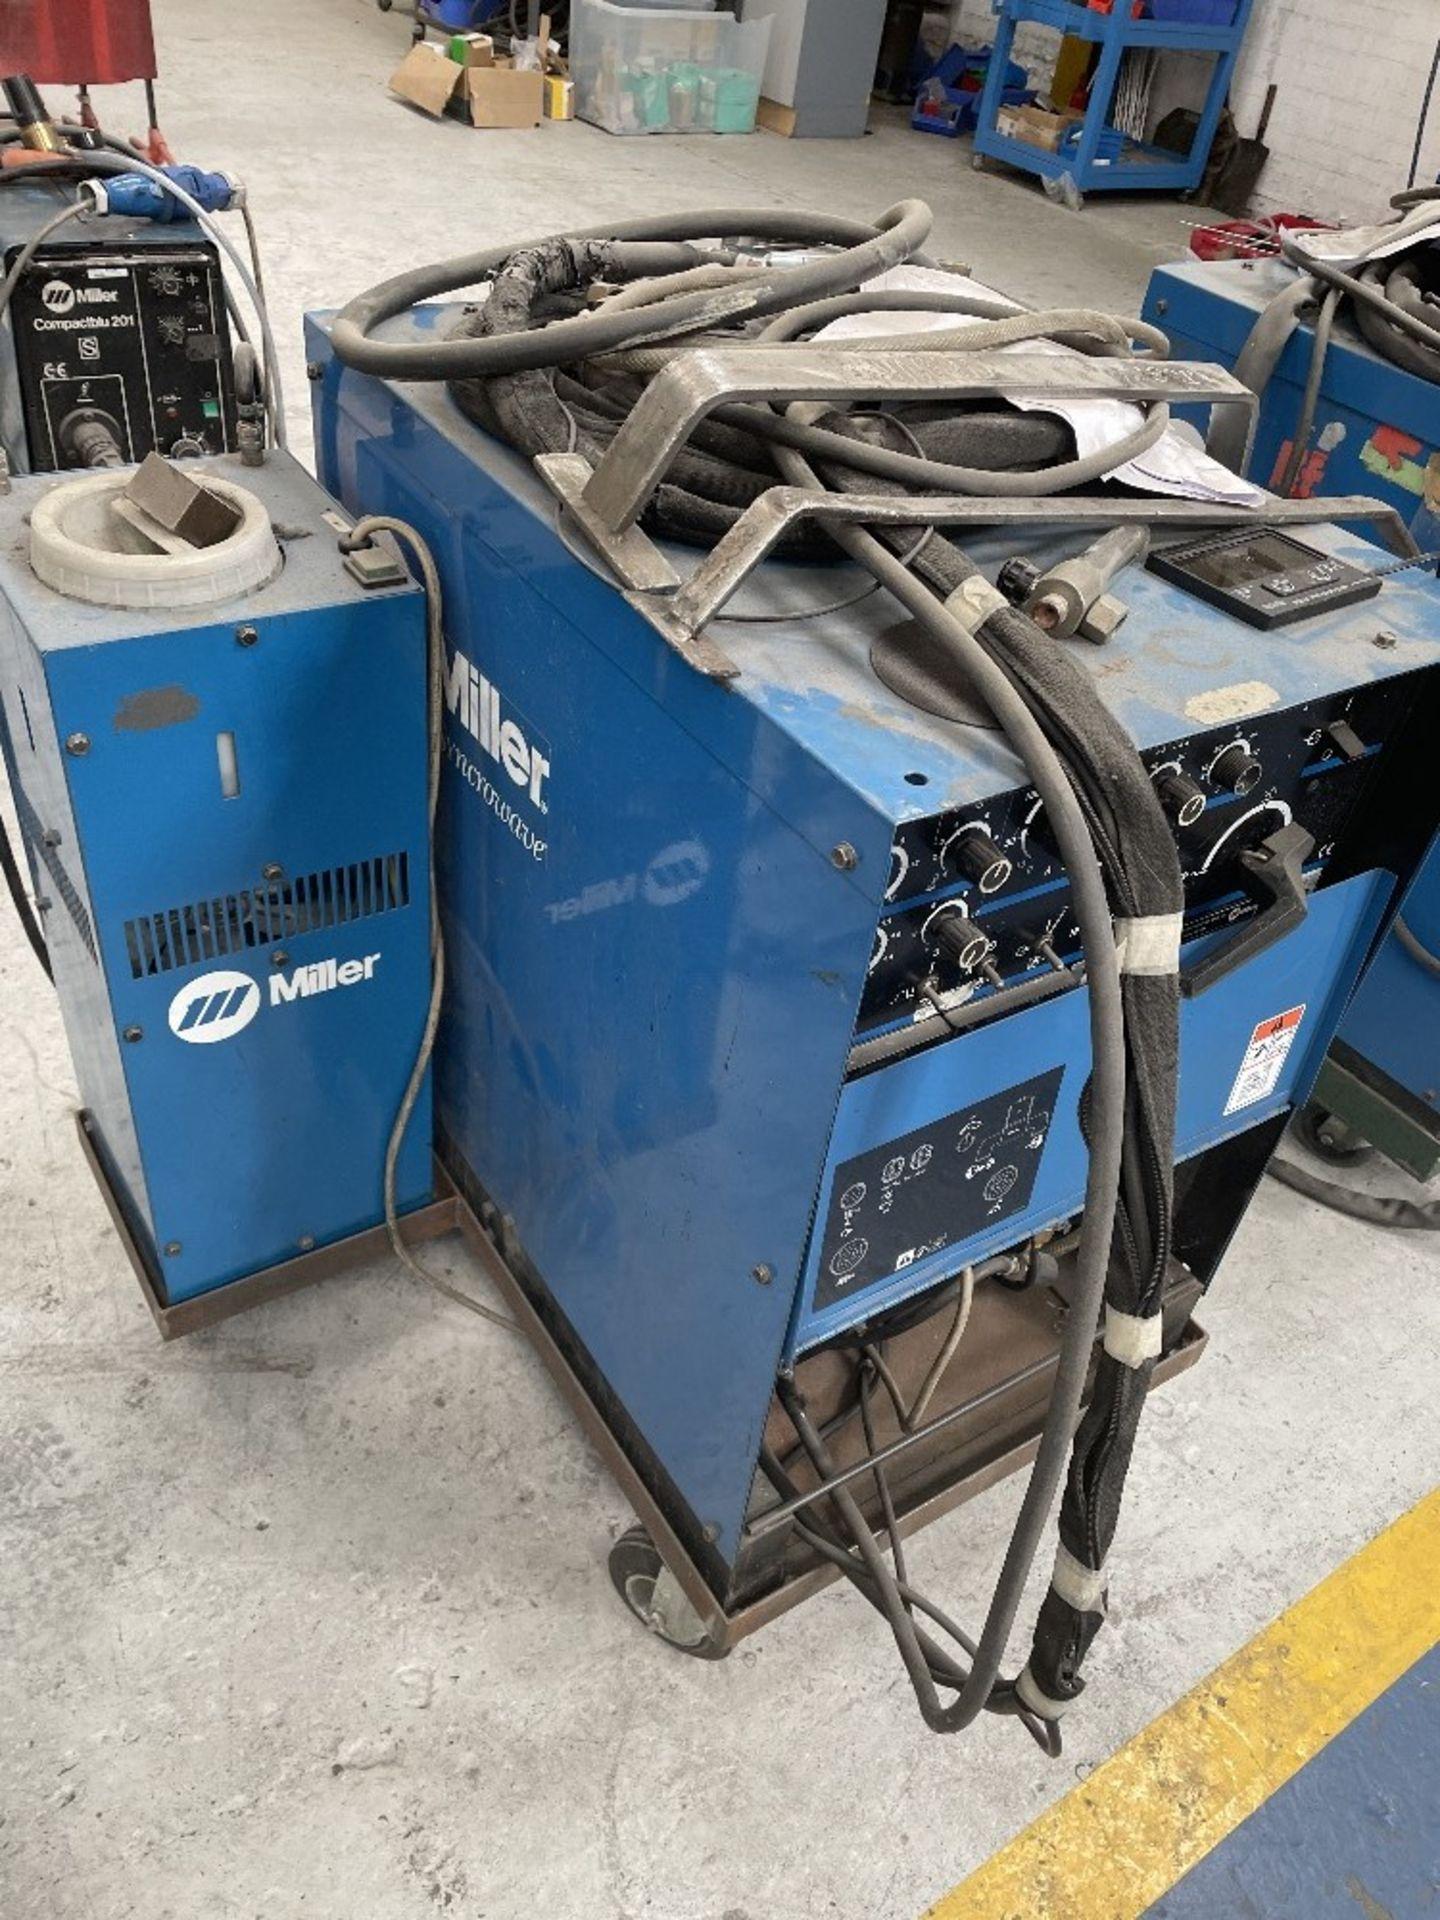 Miller Syncrowave 250 Tig Welder w/ Miller Water Cooler - Image 3 of 4